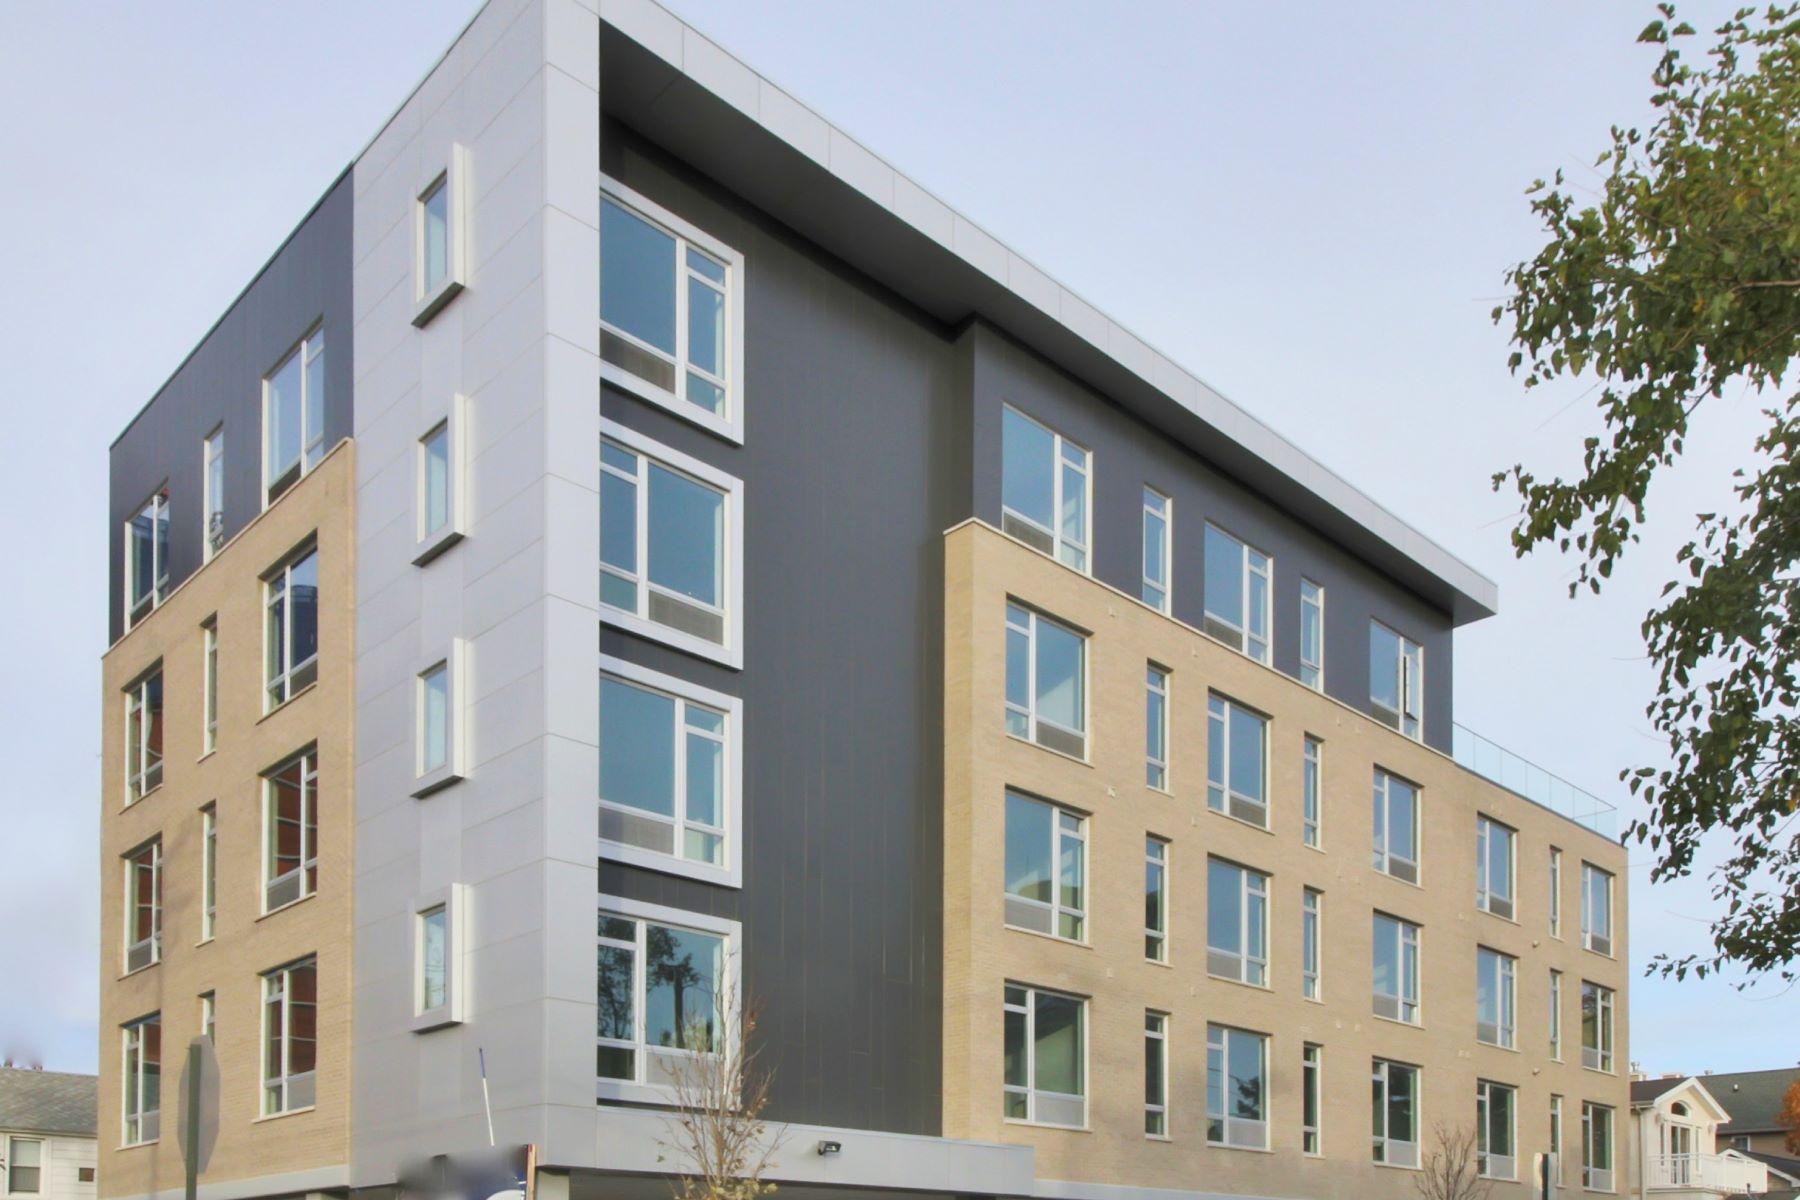 Квартира для того Аренда на The Cosmopolitan 159 Cedar Street #404 Fort Lee, Нью-Джерси 07024 Соединенные Штаты